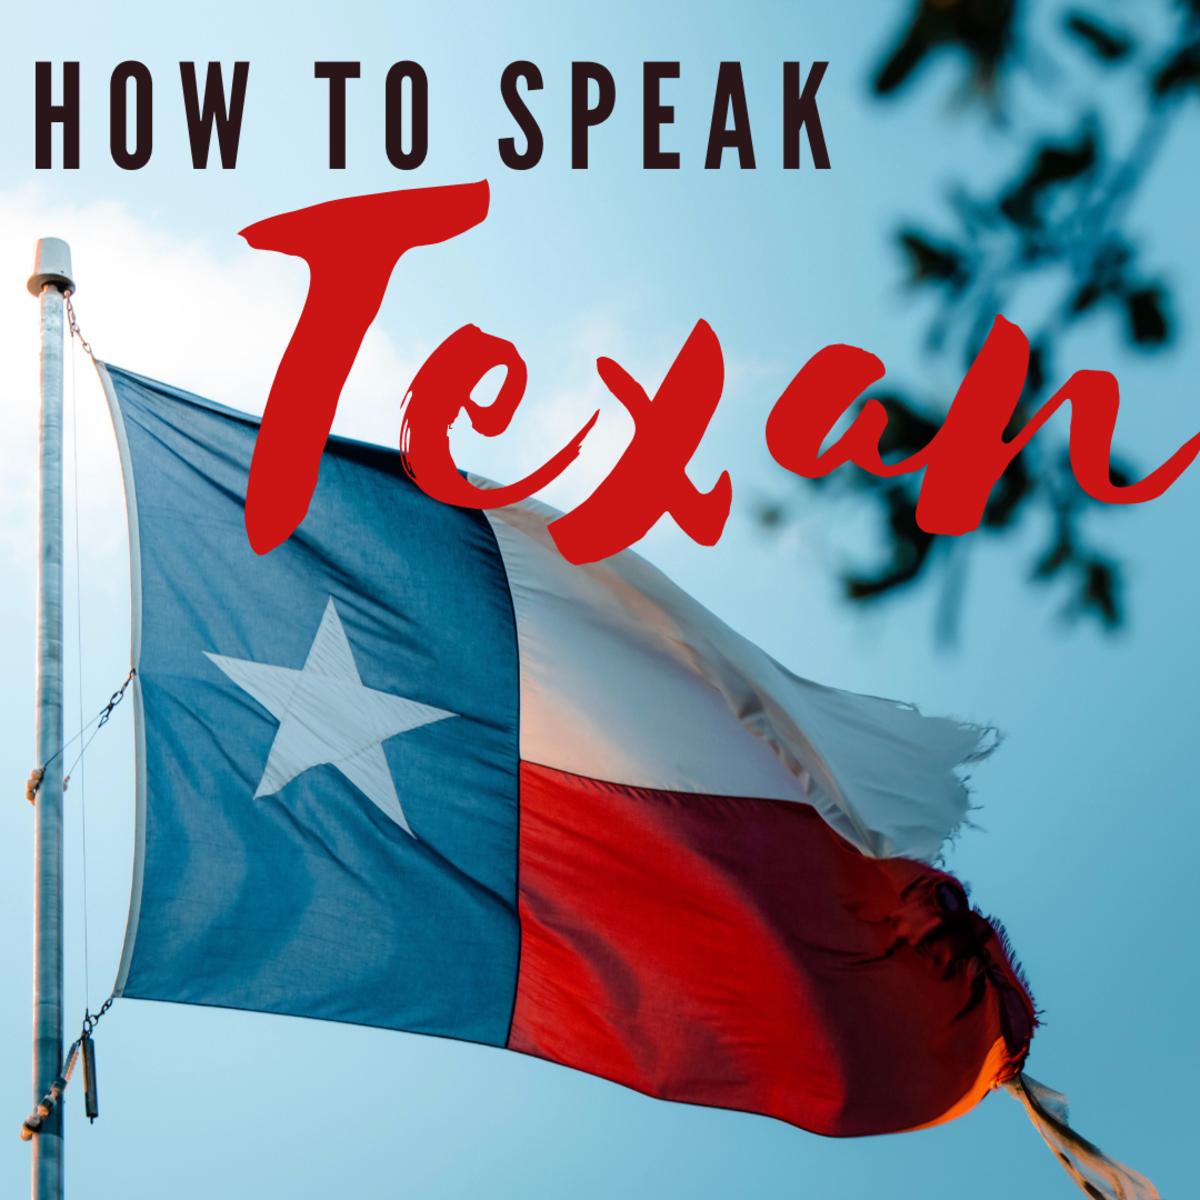 Texasisms: A Glossary of Texan Slang, Words, & Sayings